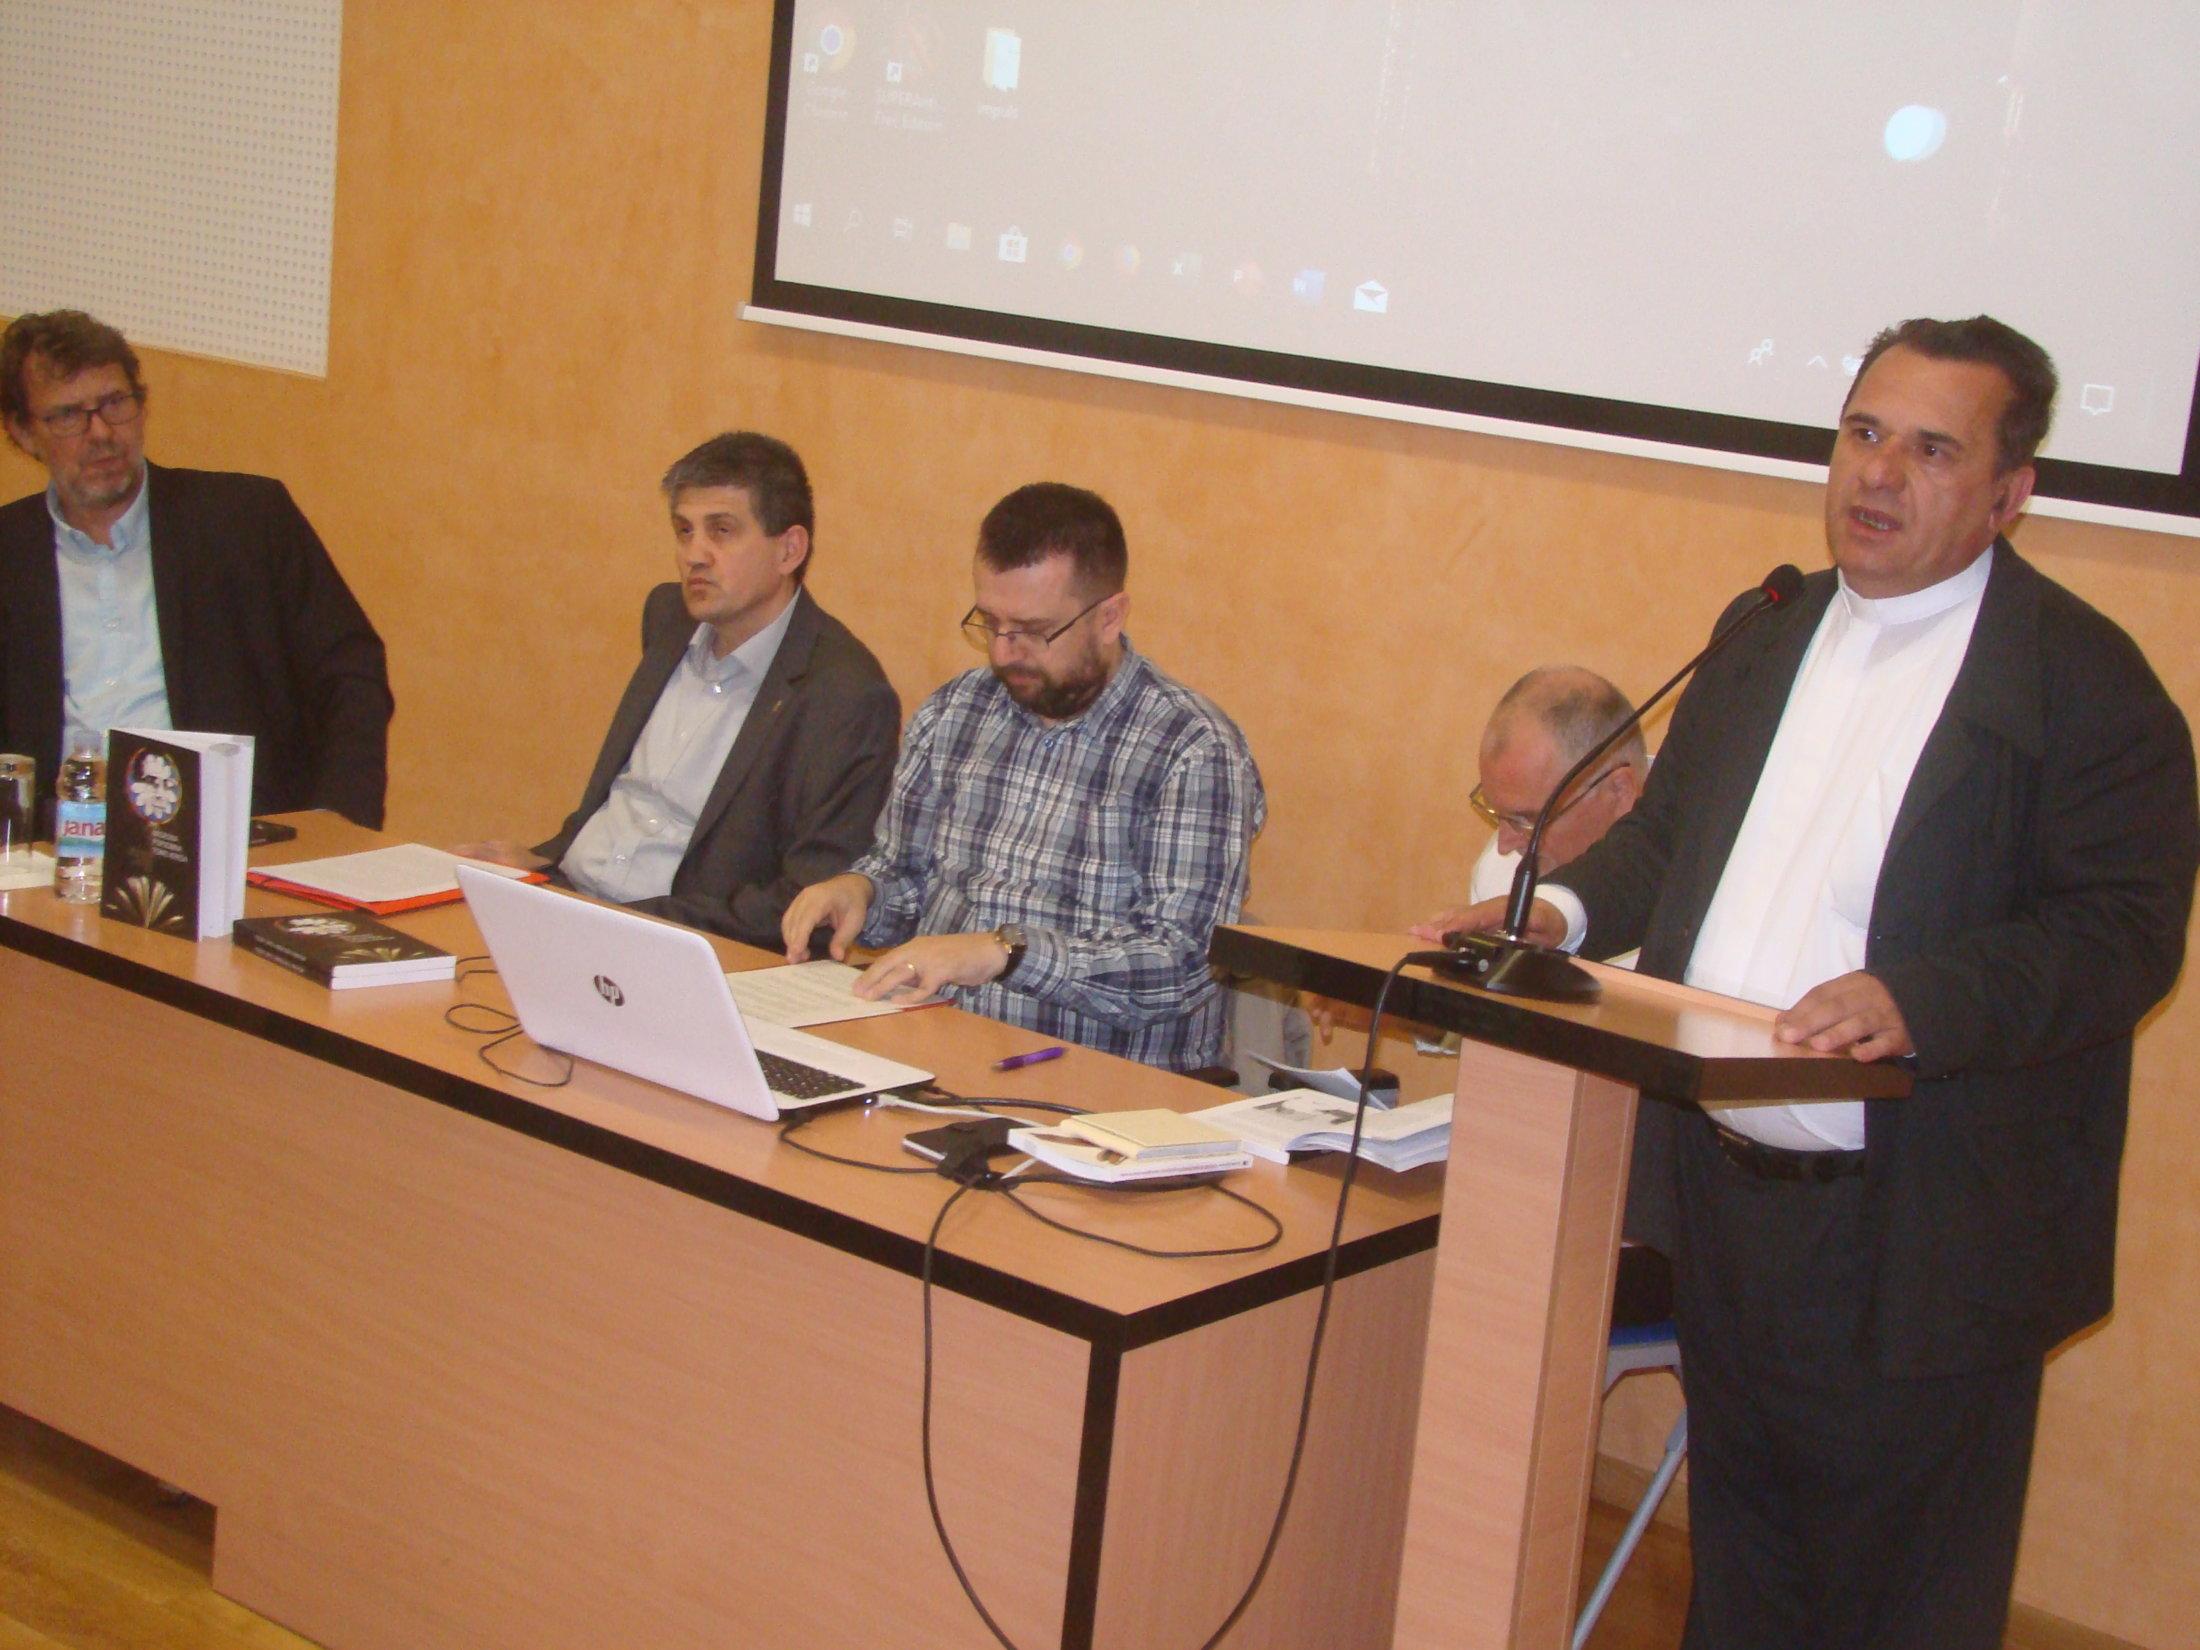 Mons.dr. Vladimir Dugalić Otvara Predstavljanje Uvodnom Dobrodošlicom,Vikarijat Osijek,21.5.19.